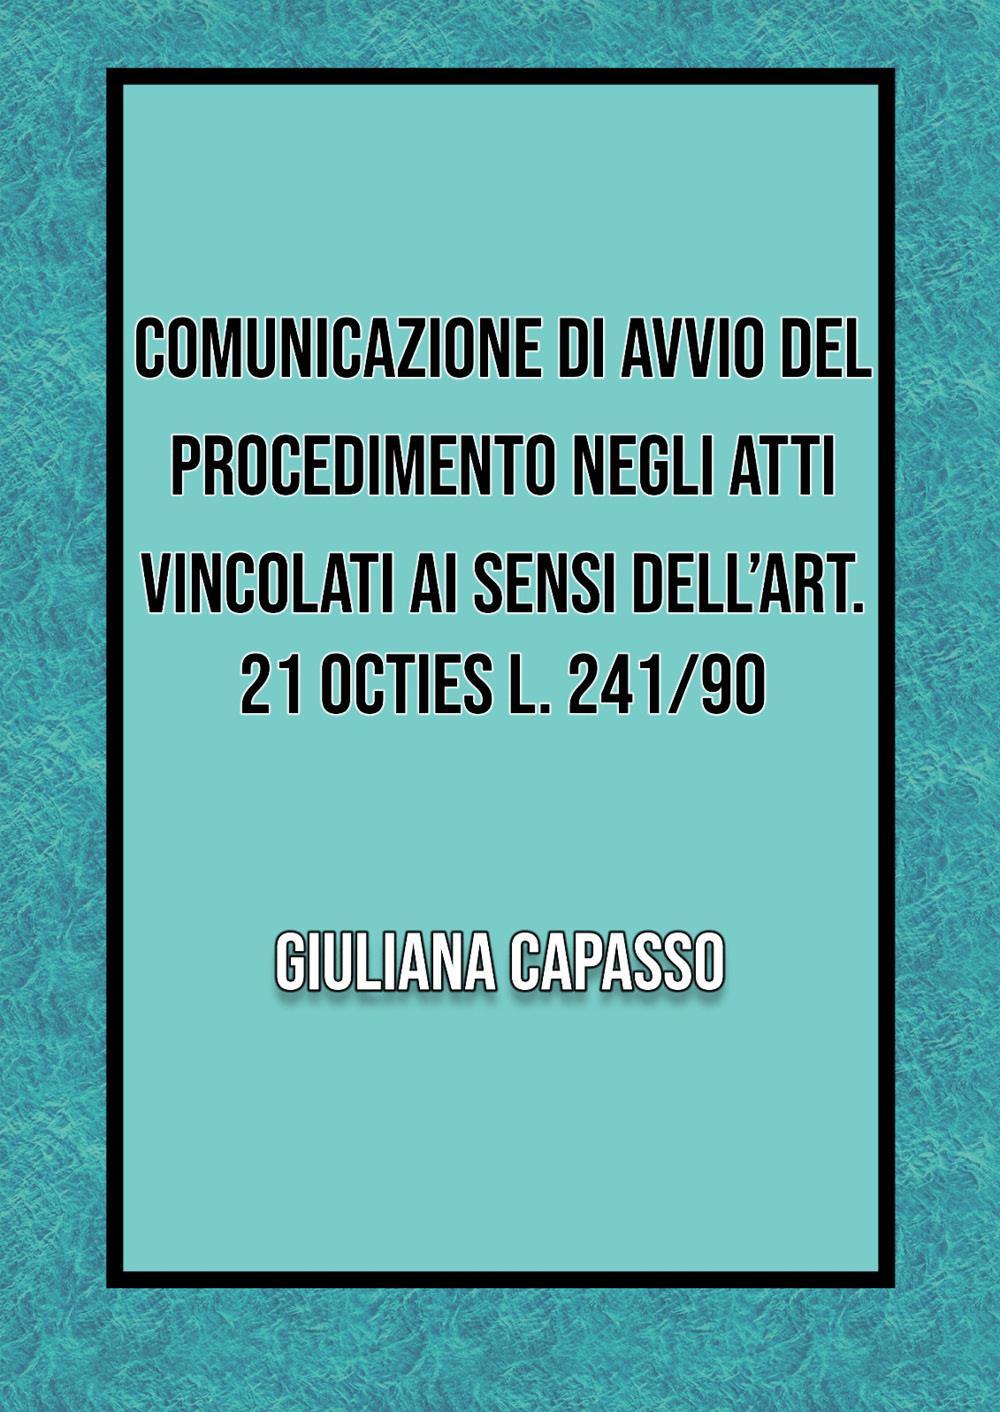 Comunicazione di avvio nel procedimento negli atti vincolati ai sensi dell'art. 21 octies L. 241/90